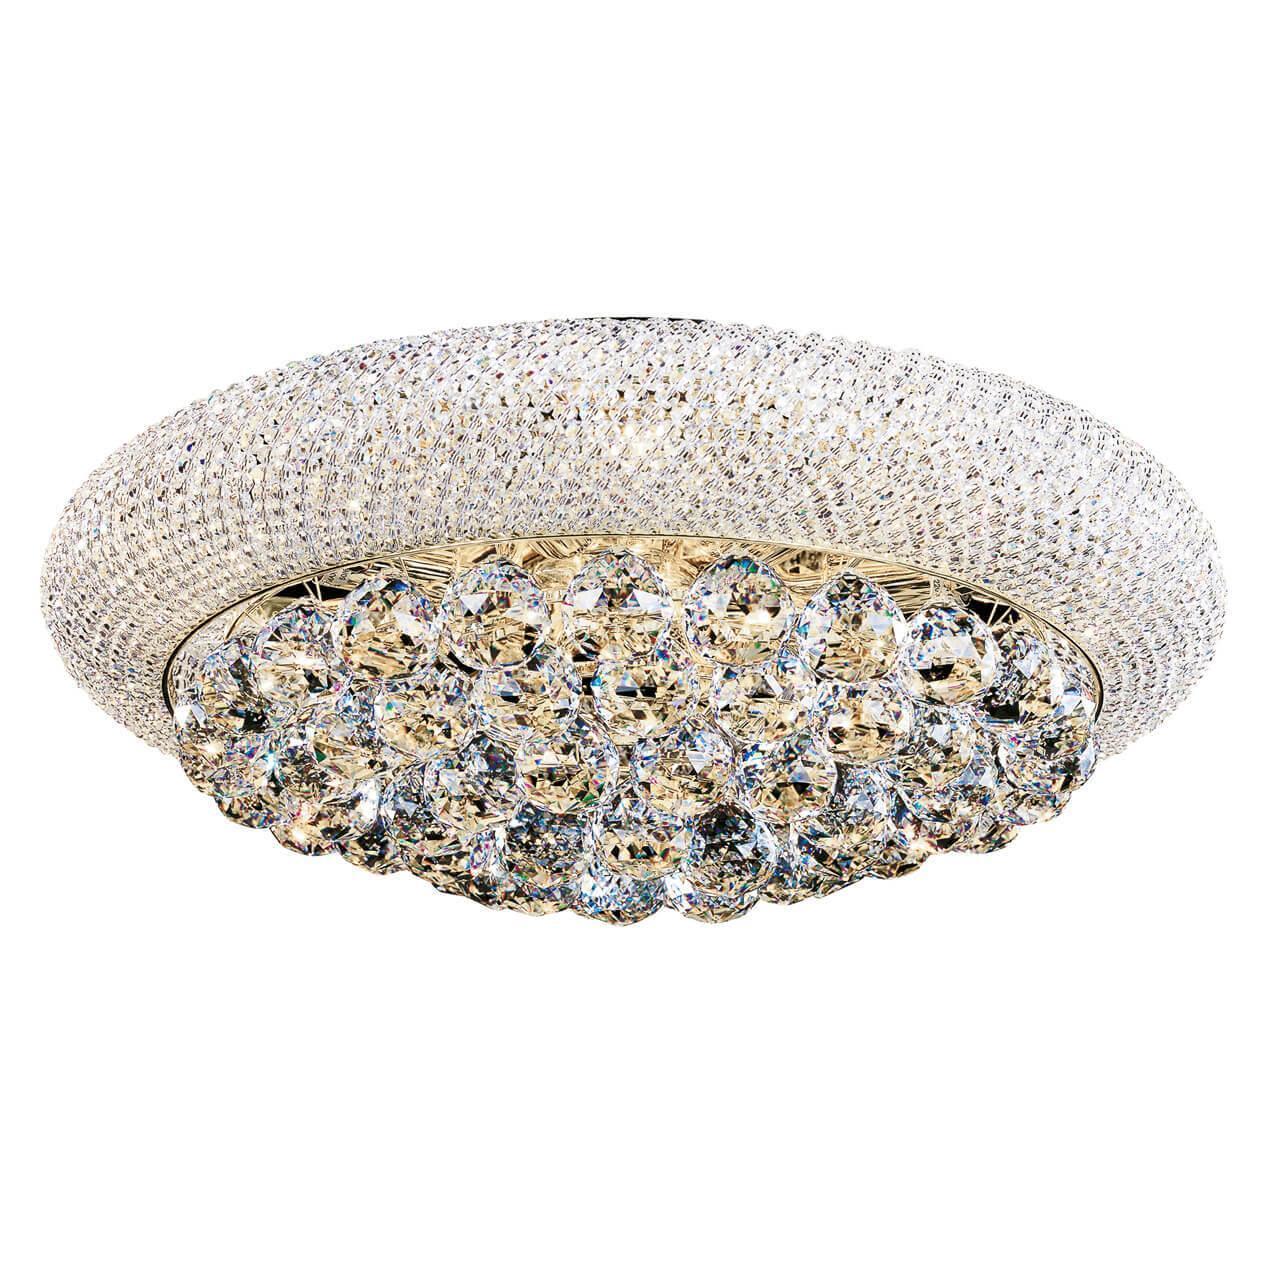 Купить Потолочный светильник Osgona Monile в интернет магазине дизайнерской мебели и аксессуаров для дома и дачи